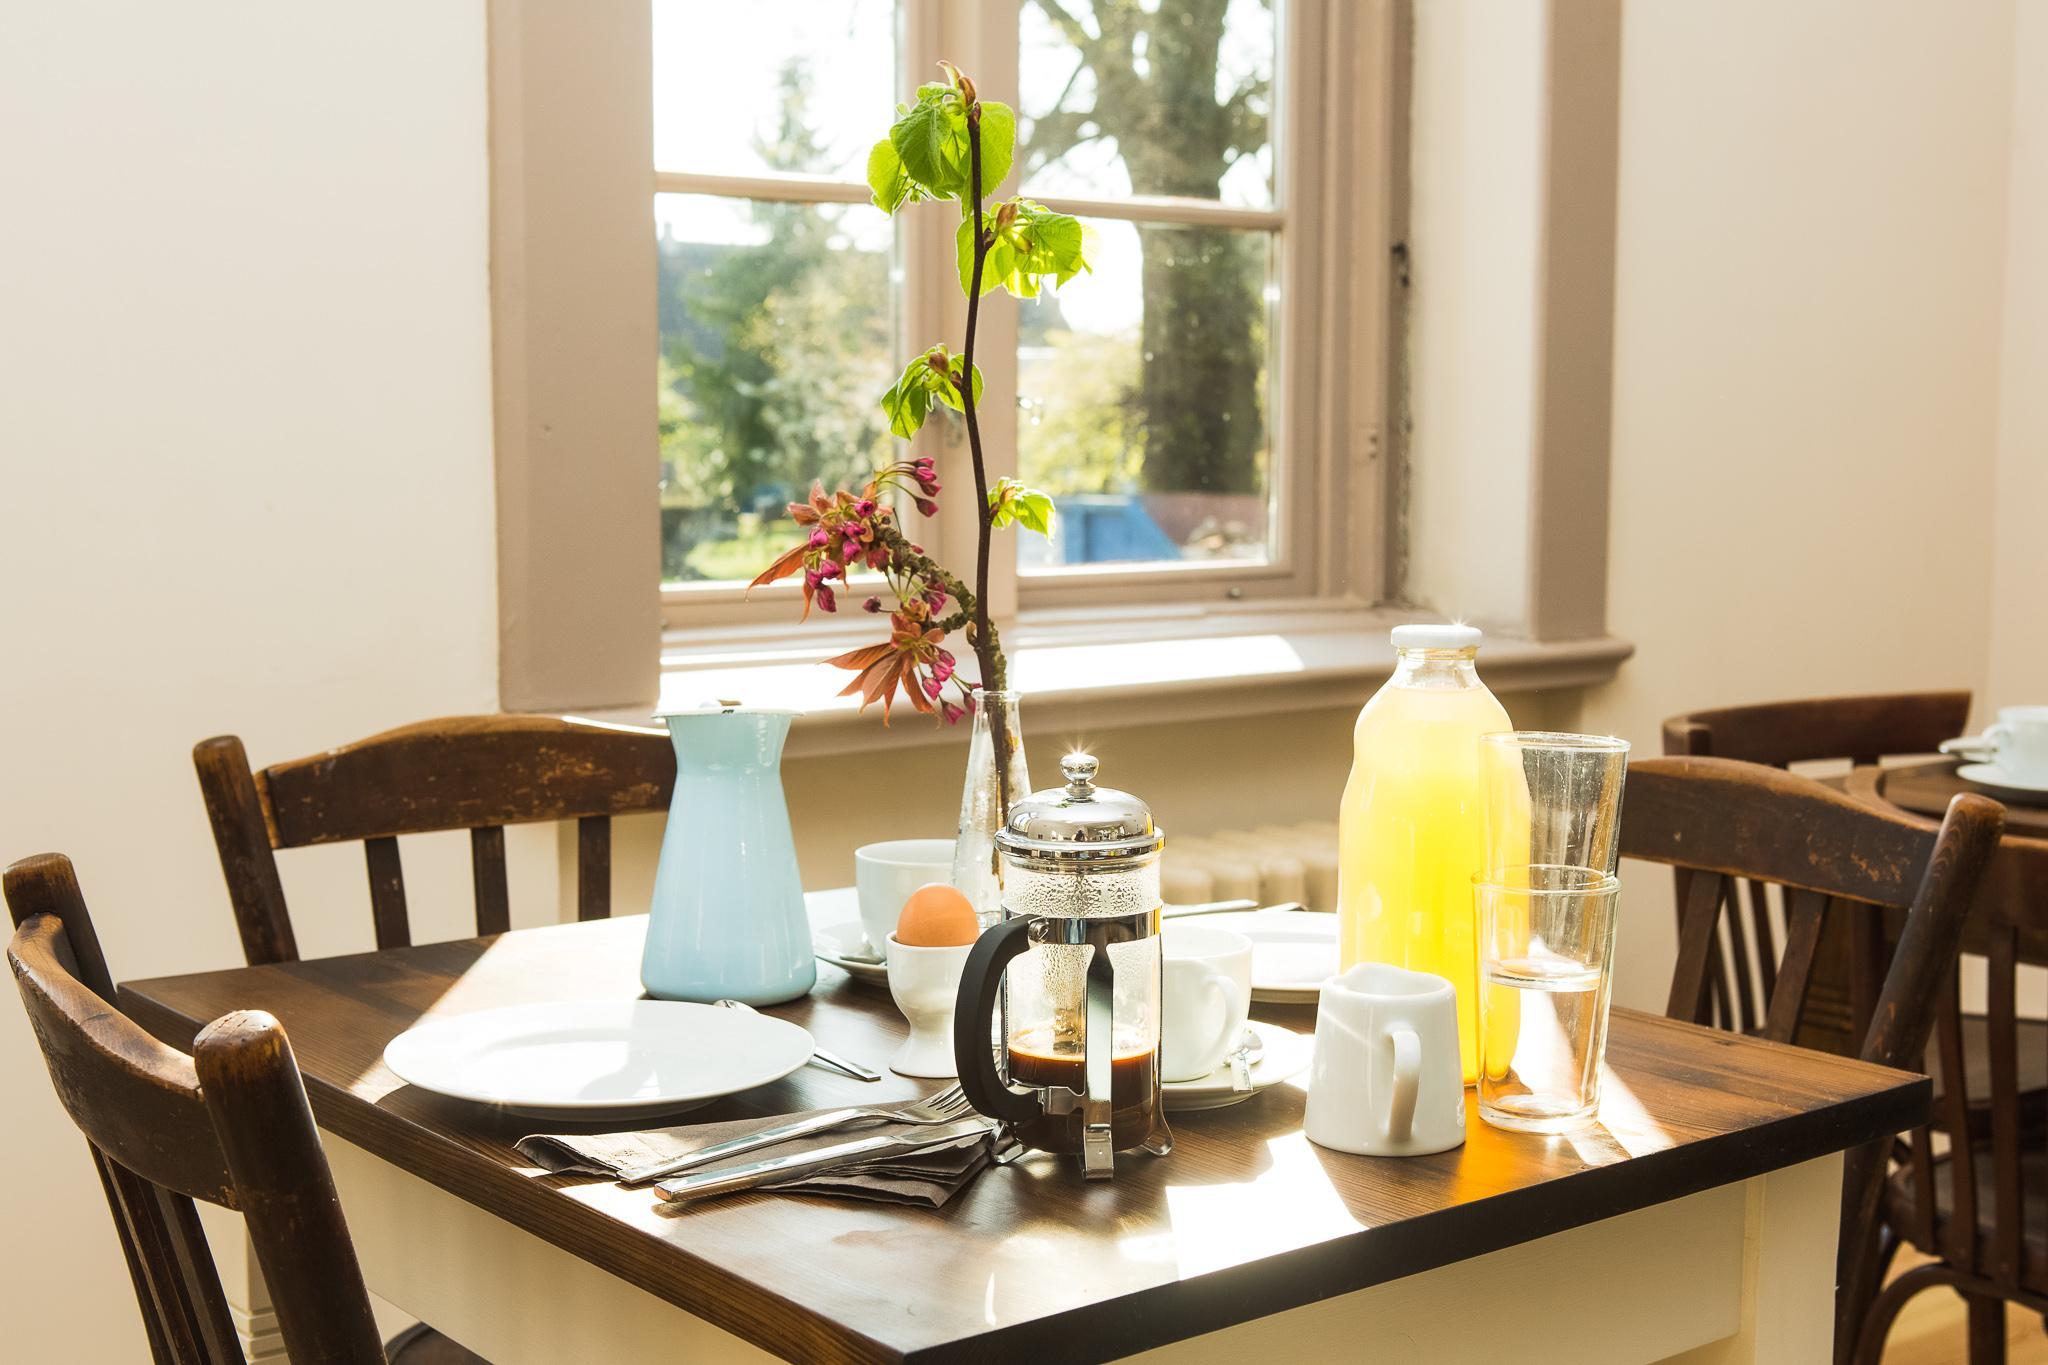 Unsere Teilnehmer/innen dürfen sich auf leckere und gesunde Mahlzeiten freuen